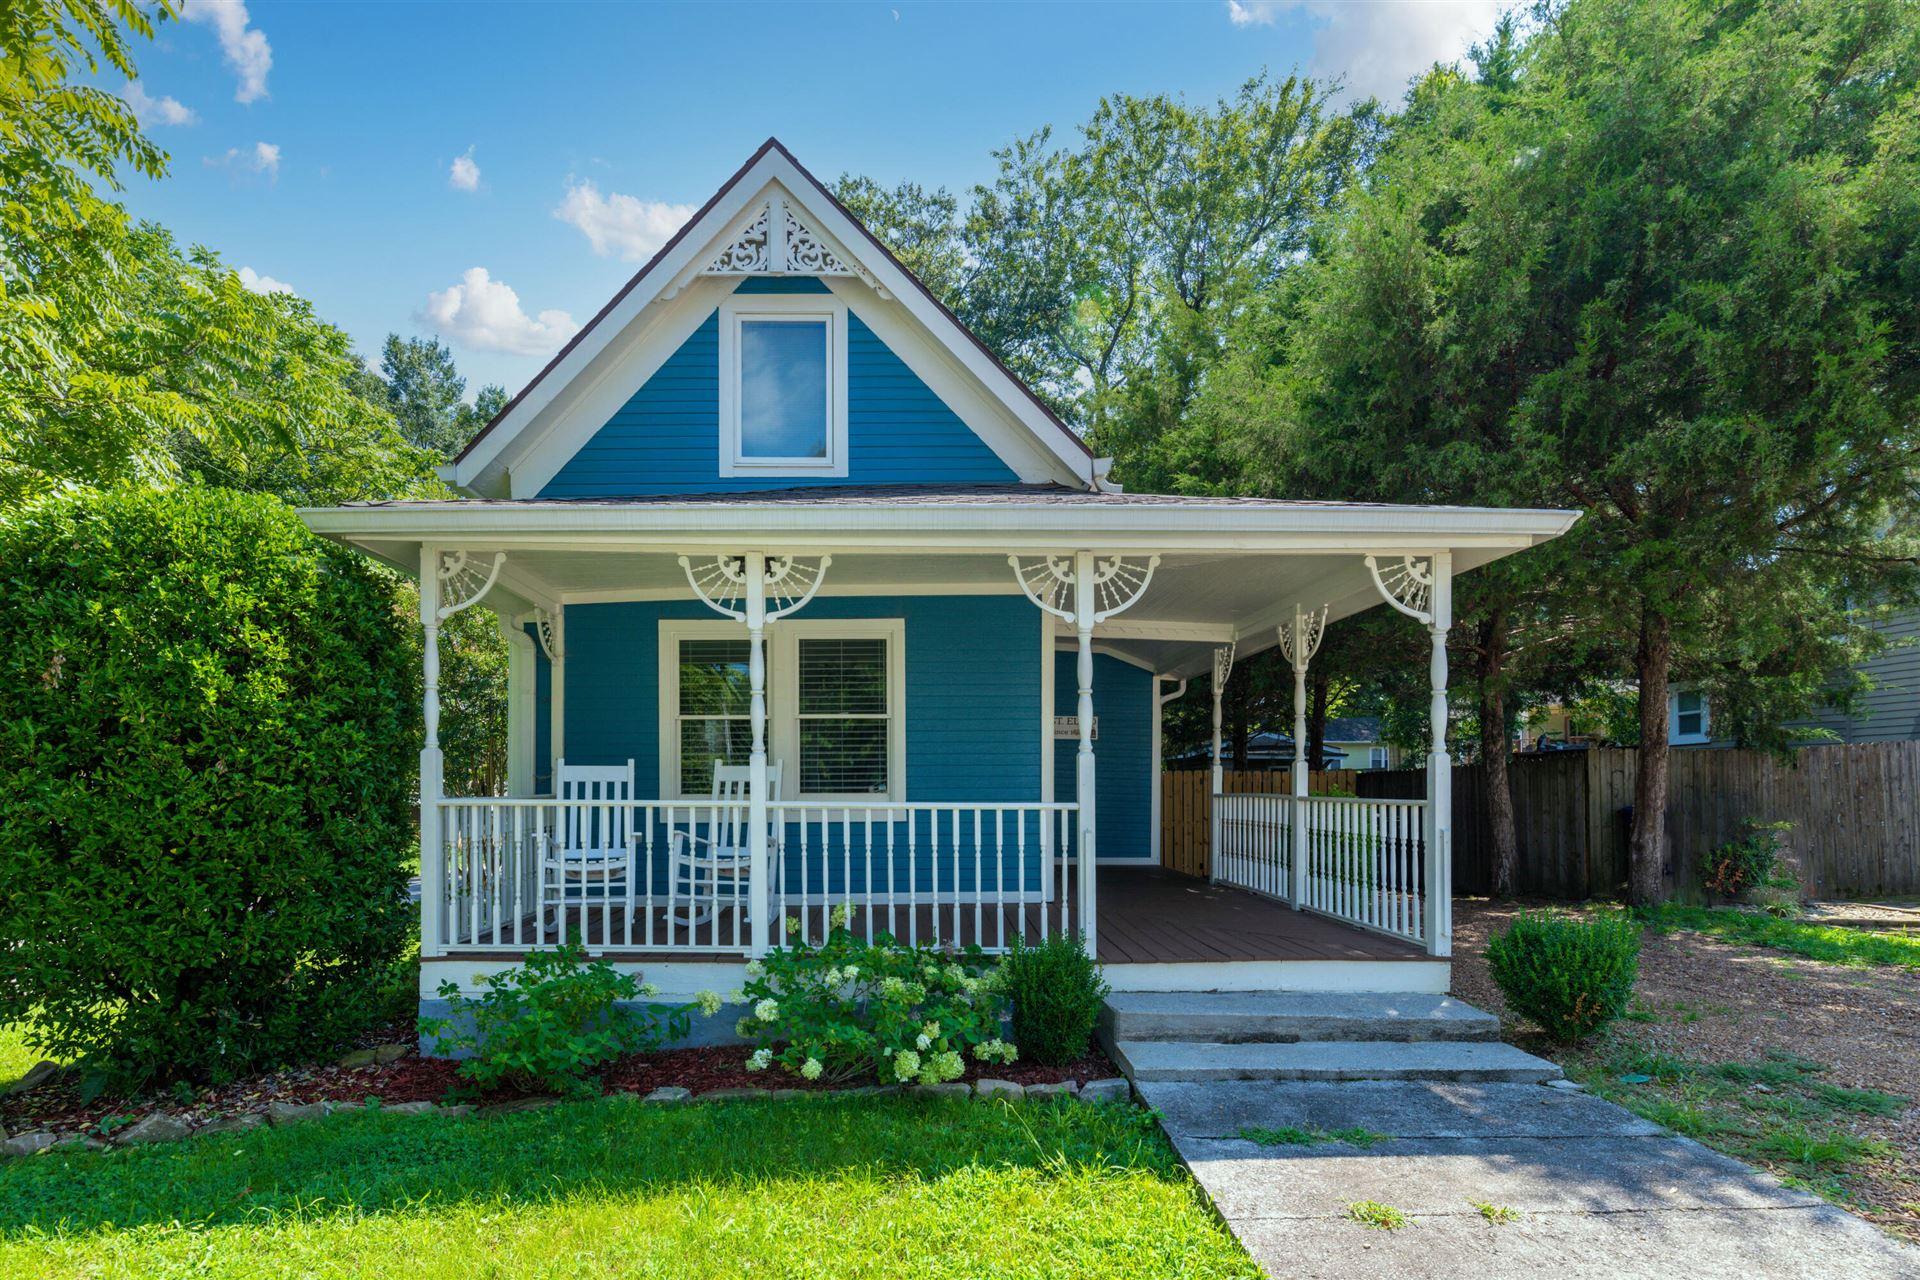 1508 W 54th St, Chattanooga, TN 37409 - MLS#: 1342498